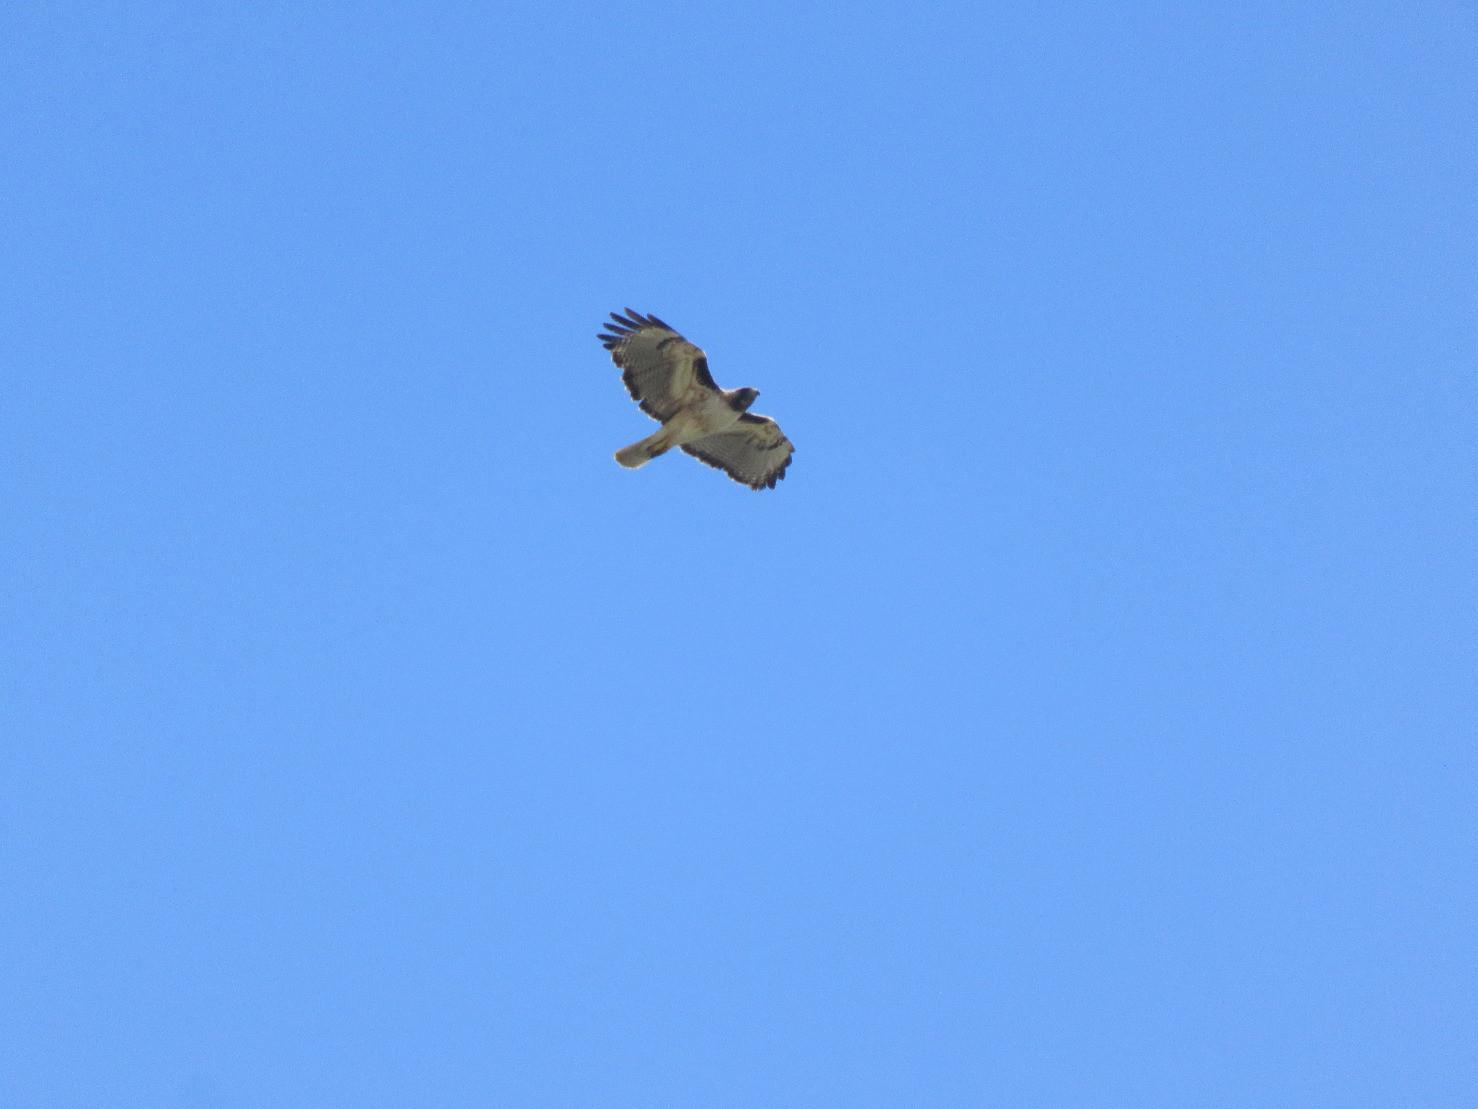 kelsonv: Bright the hawk's fl